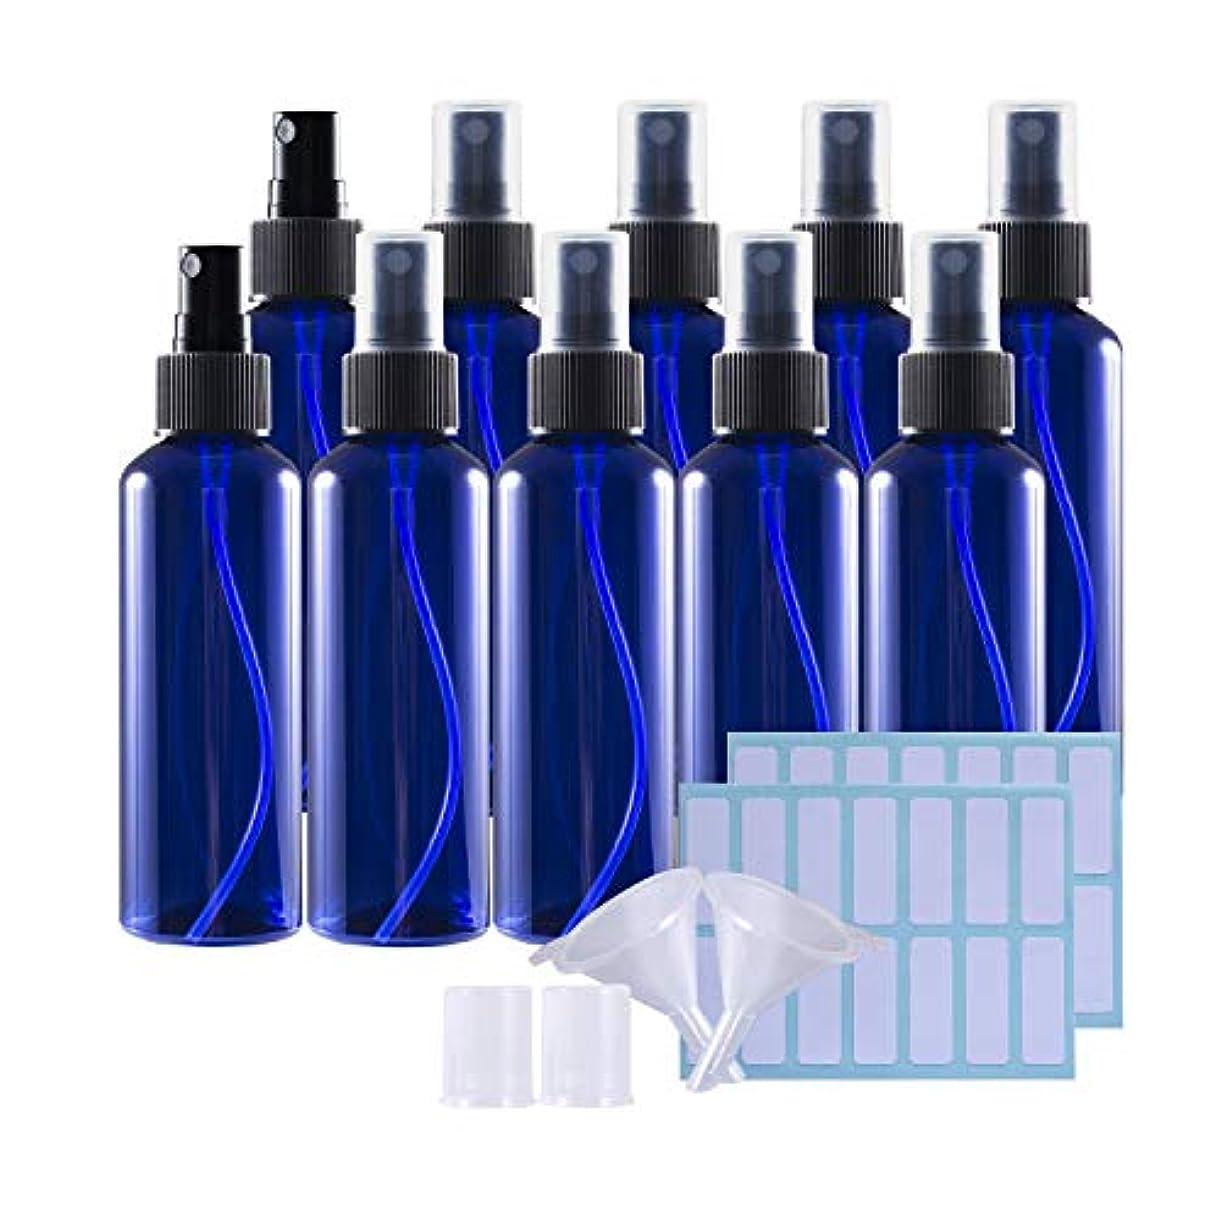 肌寒い政令切断する100mlスプレーボトル 10個セット遮光瓶 小分けボトル プラスチック容器 液体用空ボトル 押し式詰替用ボトル 詰め替え シャンプー クリーム 化粧品 収納瓶